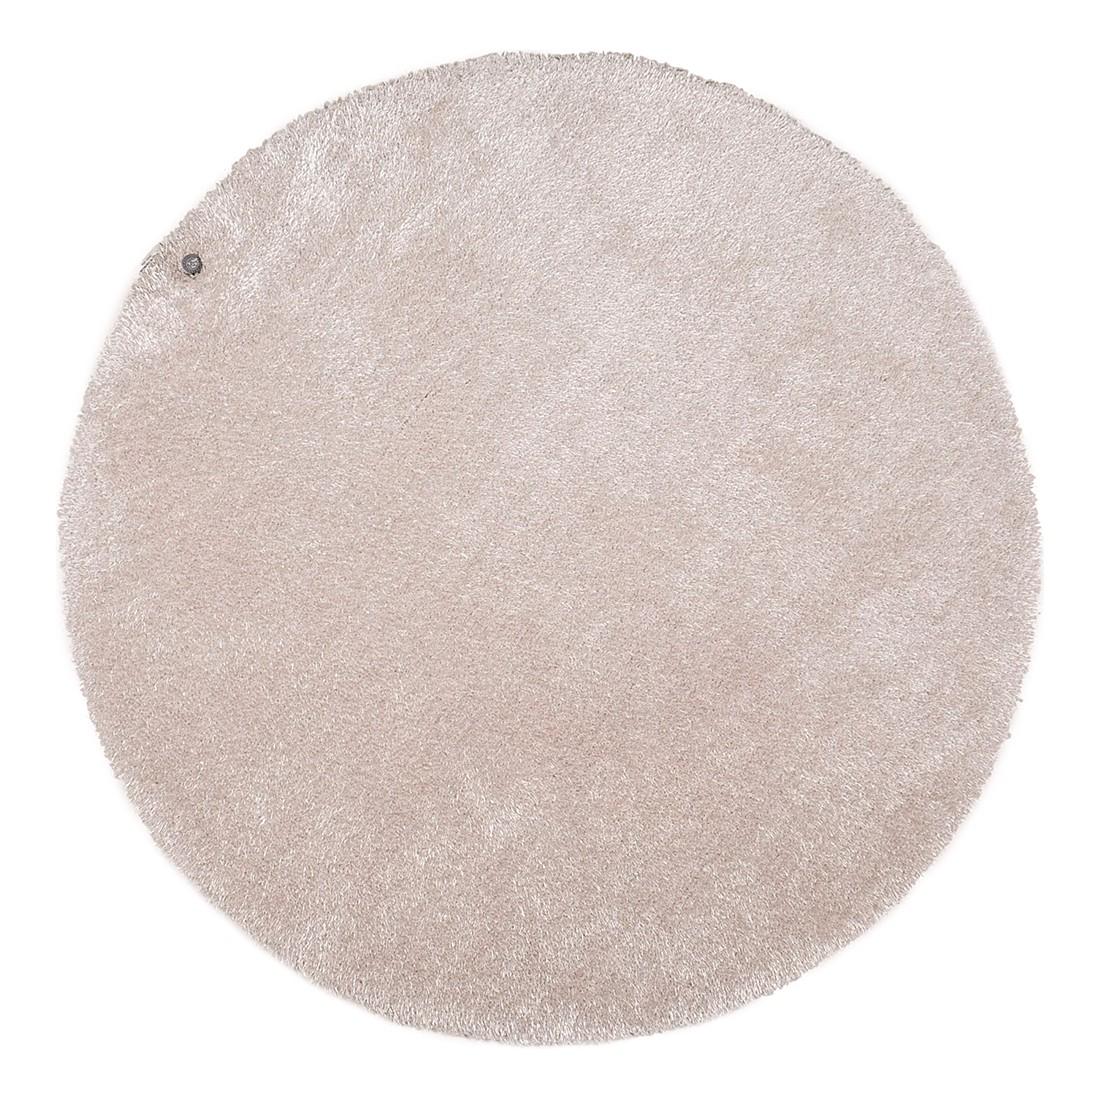 home24 Teppich Soft Round | Heimtextilien > Teppiche | Beige | Kunststoff | Tom Tailor